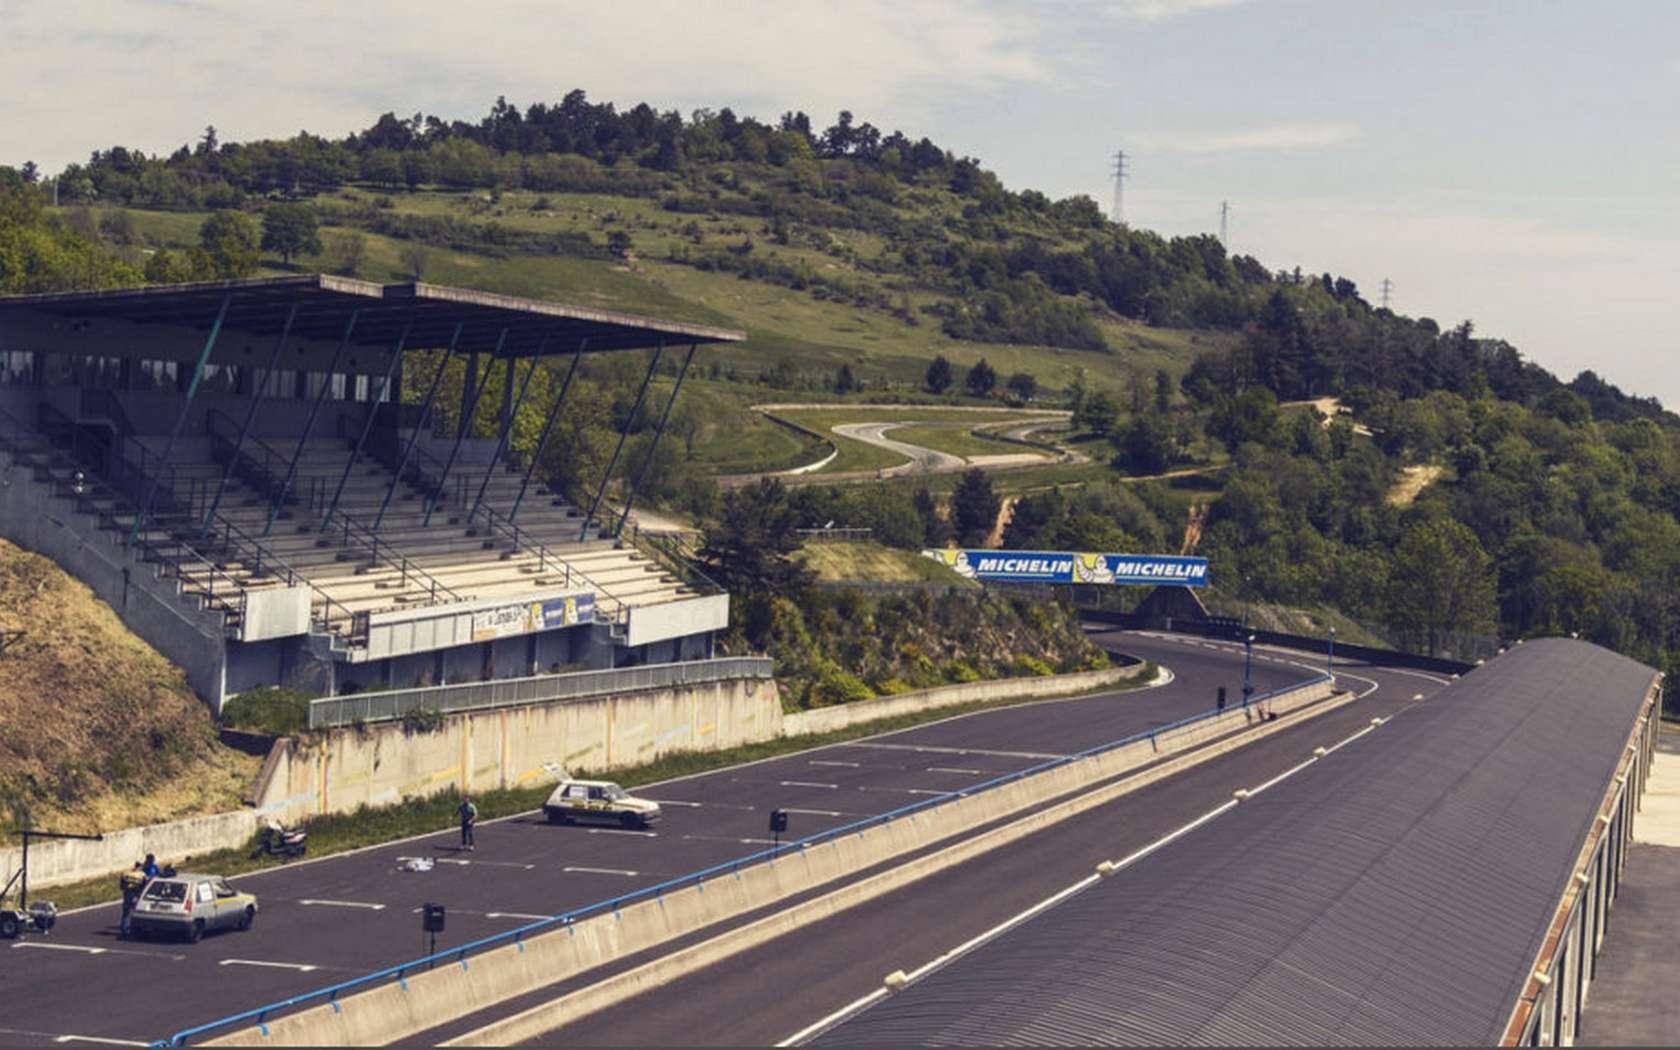 Le circuit de Charade s'étend sur un tracé de 8 km. © Circuit de Charade